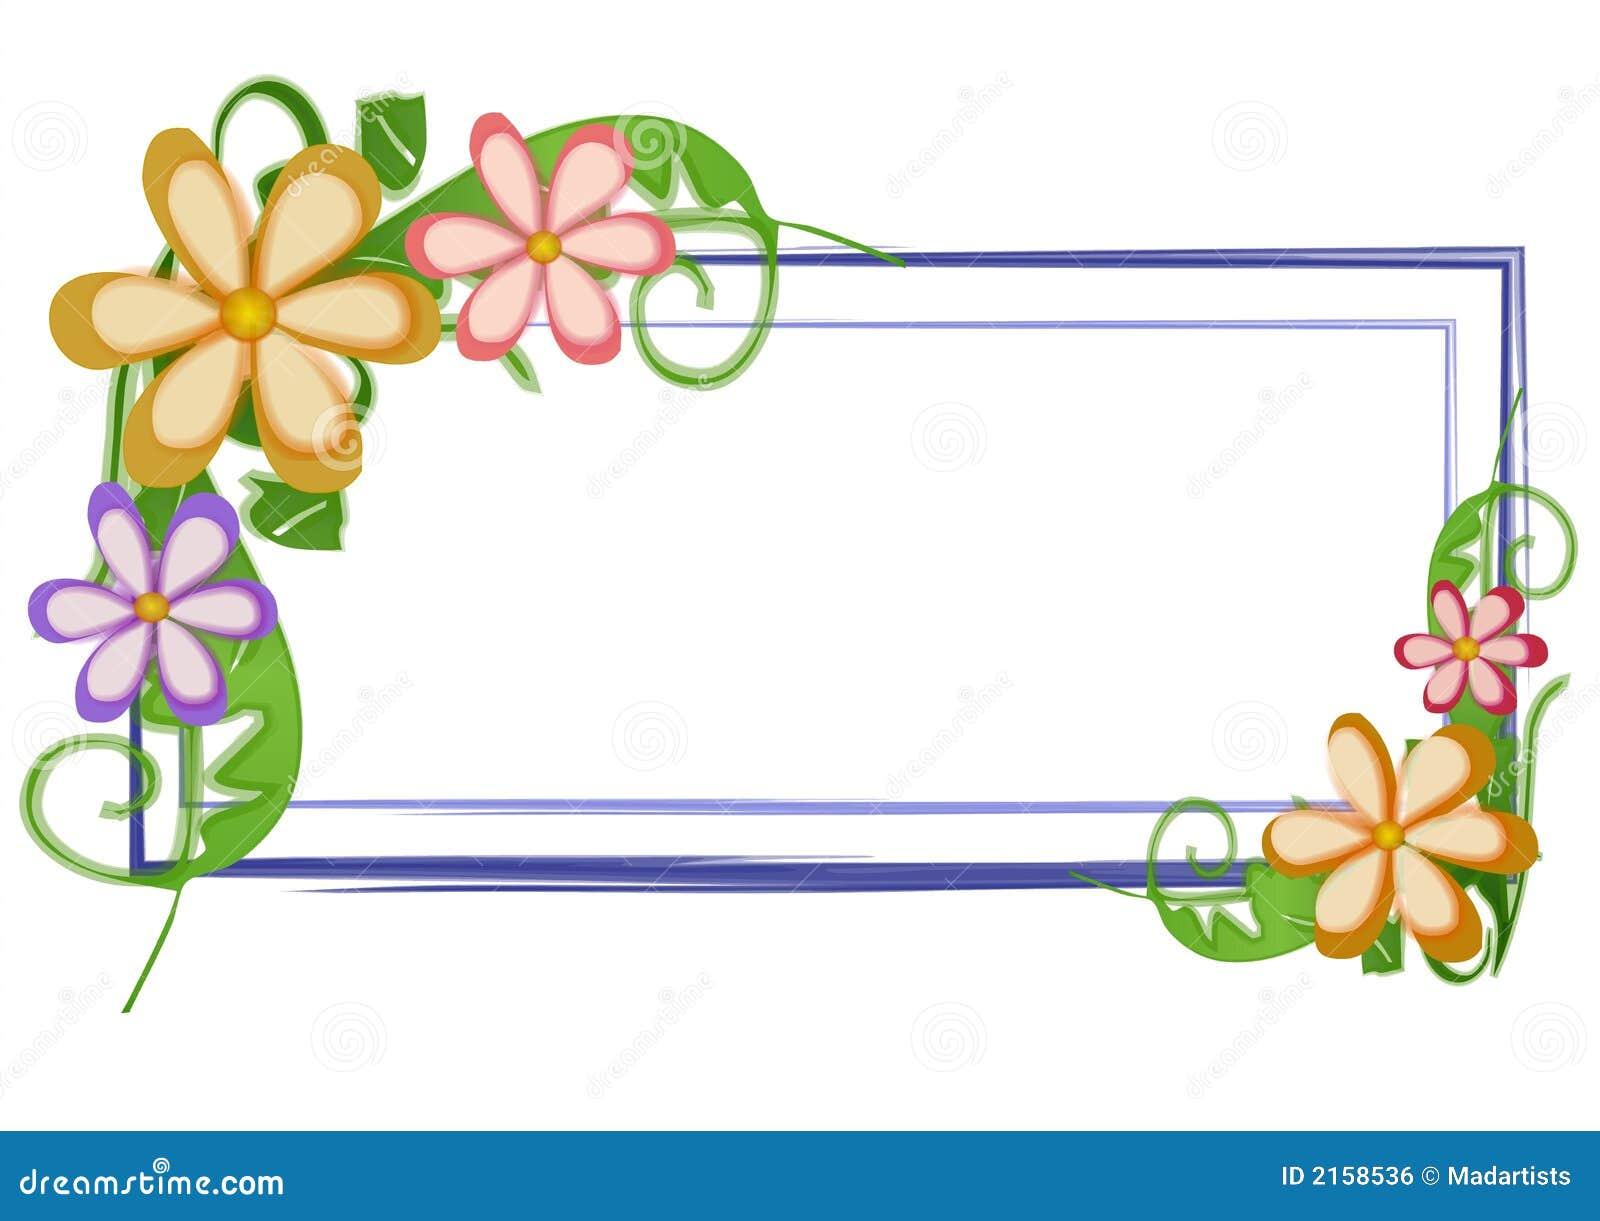 花卉花徽标页万维网